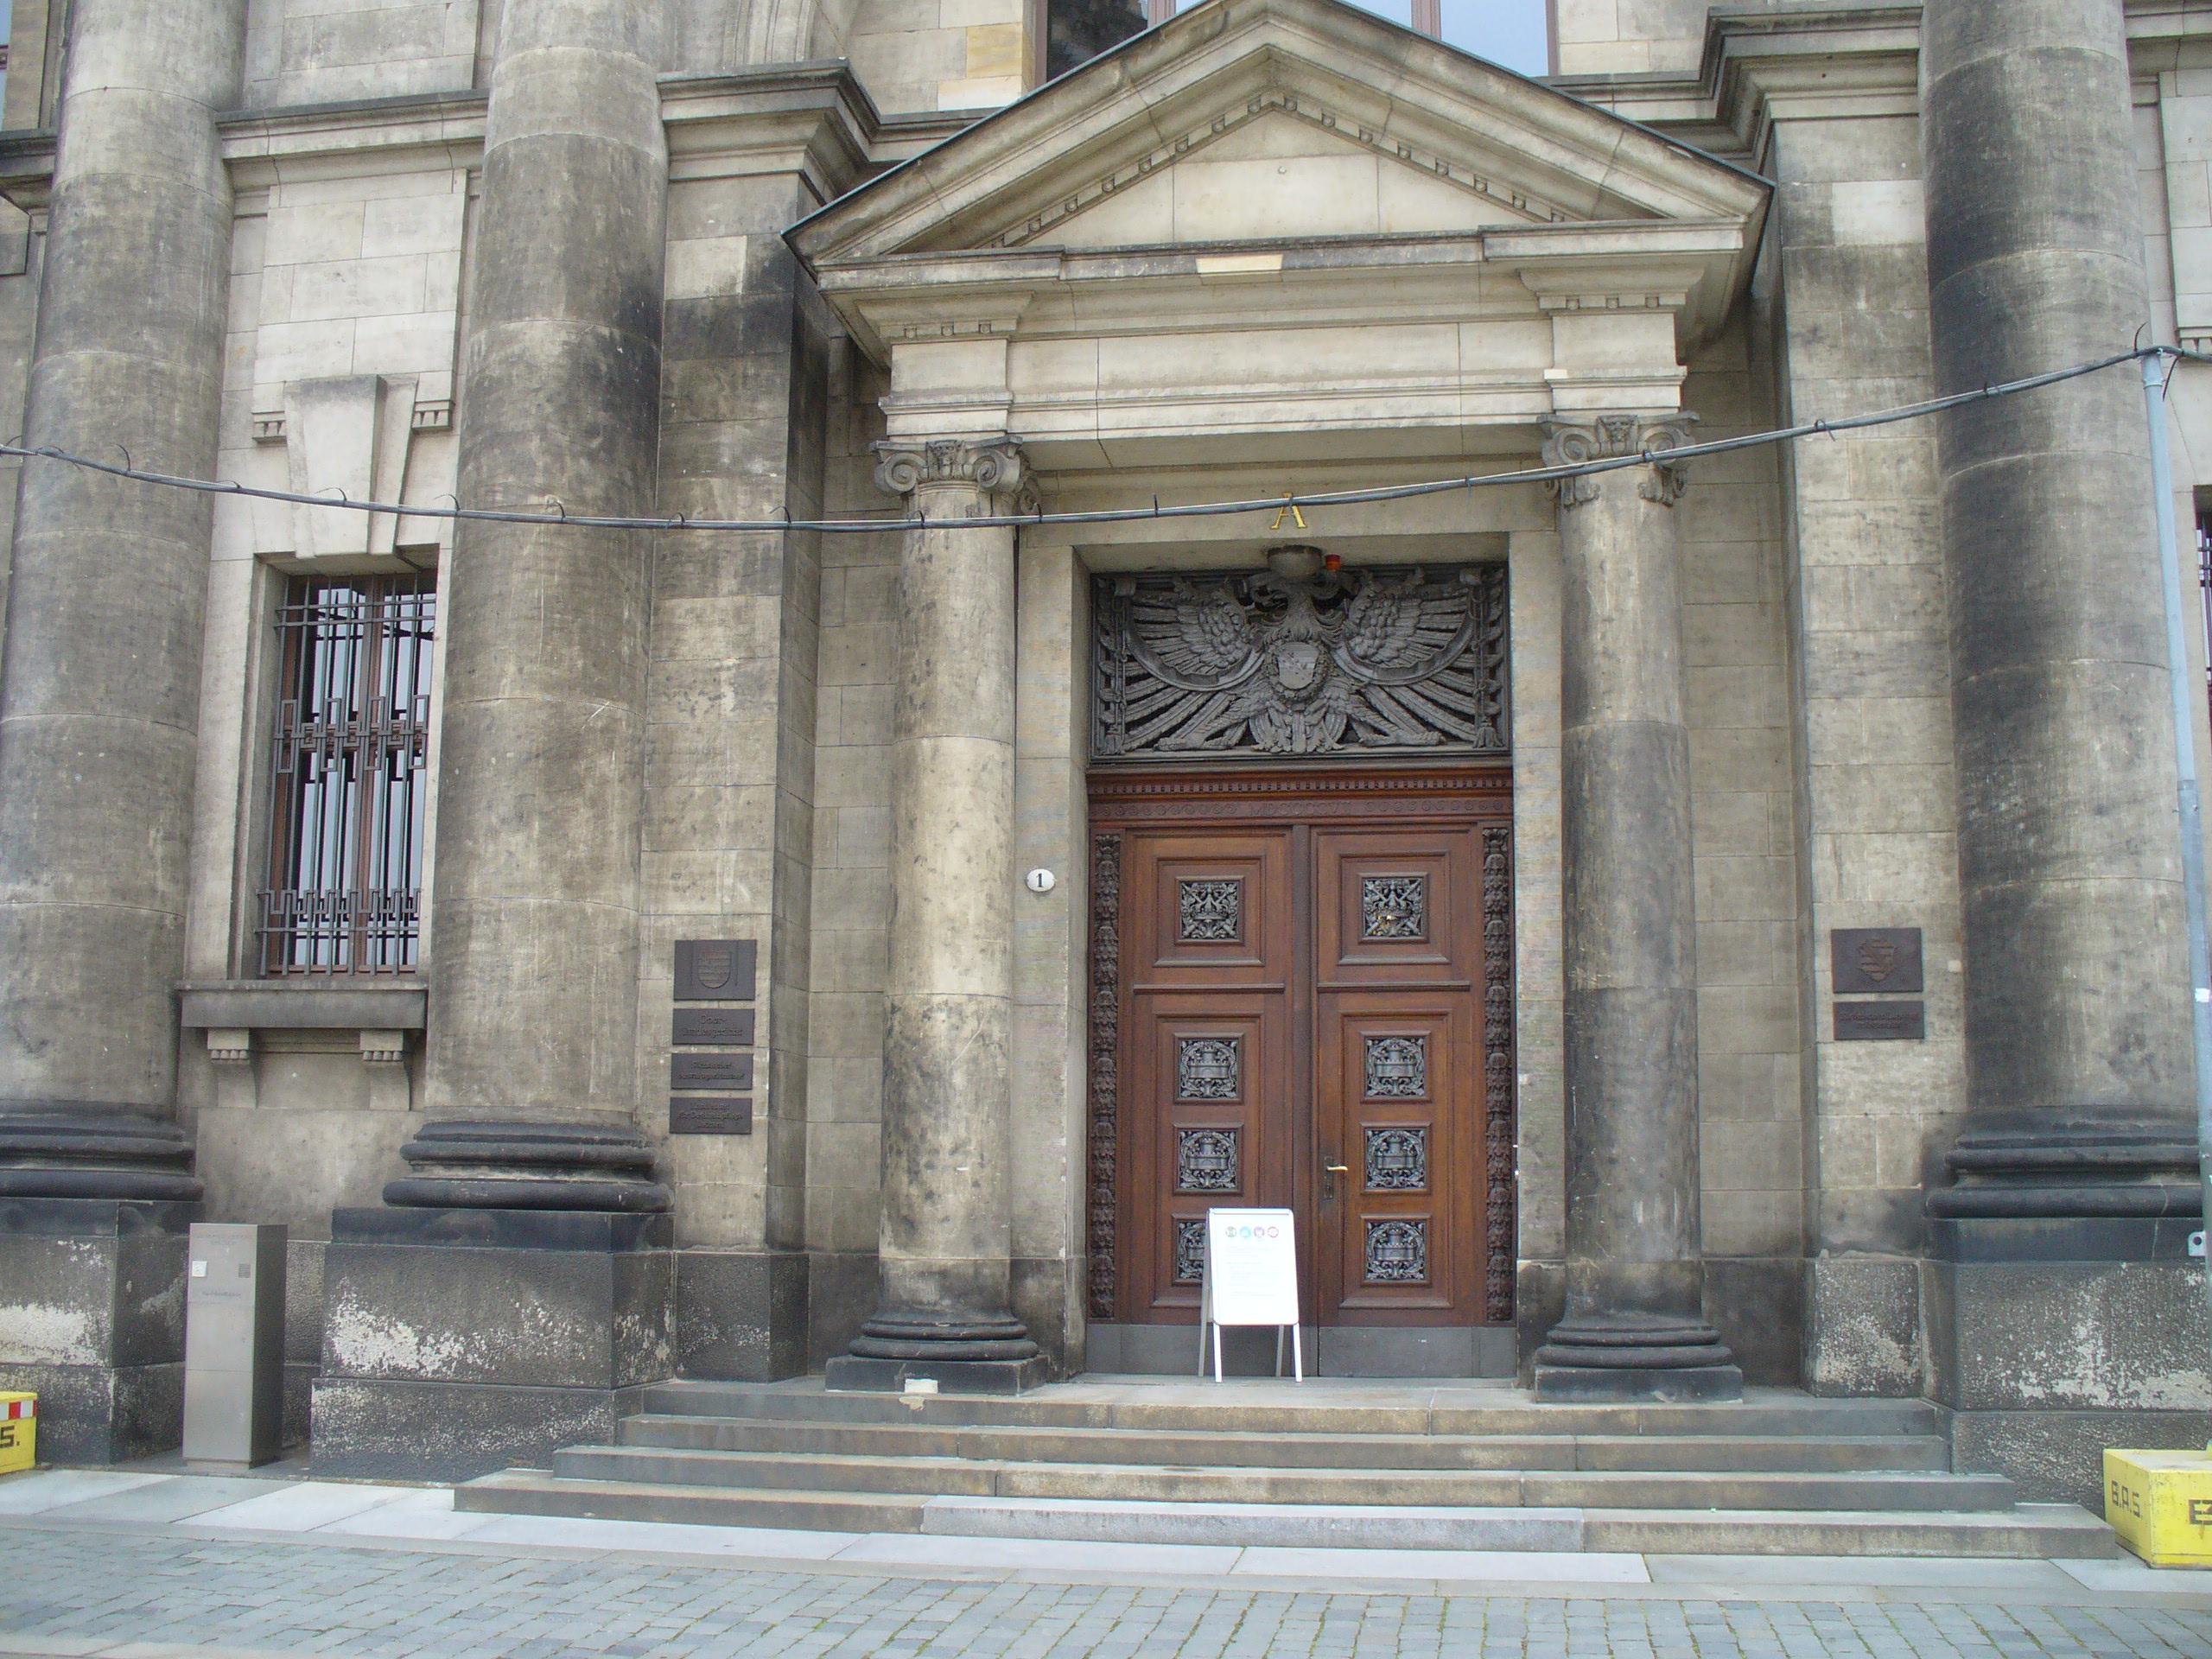 Regionalverband gewinnt Rechtsstreit – Lichtenberger verliert Ansehen